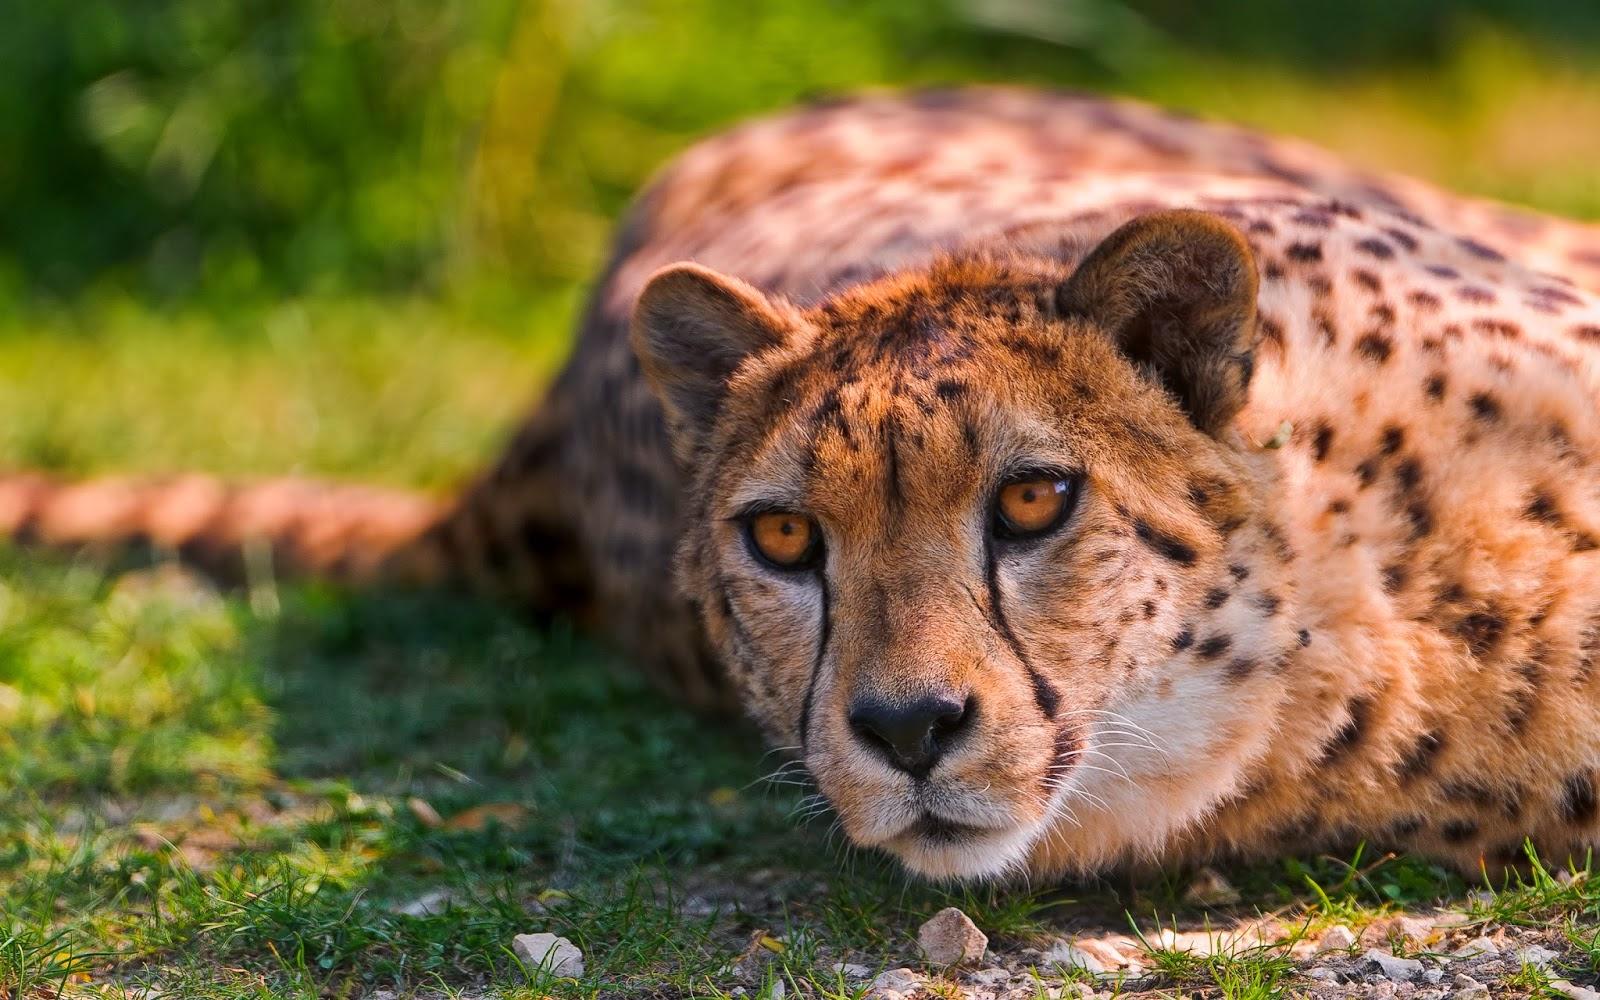 """<img src=""""http://2.bp.blogspot.com/-T3S5MVIoPvk/U8qNoX8Yv2I/AAAAAAAAL7w/iNDRC4AlUoo/s1600/cheetah-lying-hd-wallpaper.jpg"""" alt=""""Cheetah Lying HD Wallpaper"""" />"""